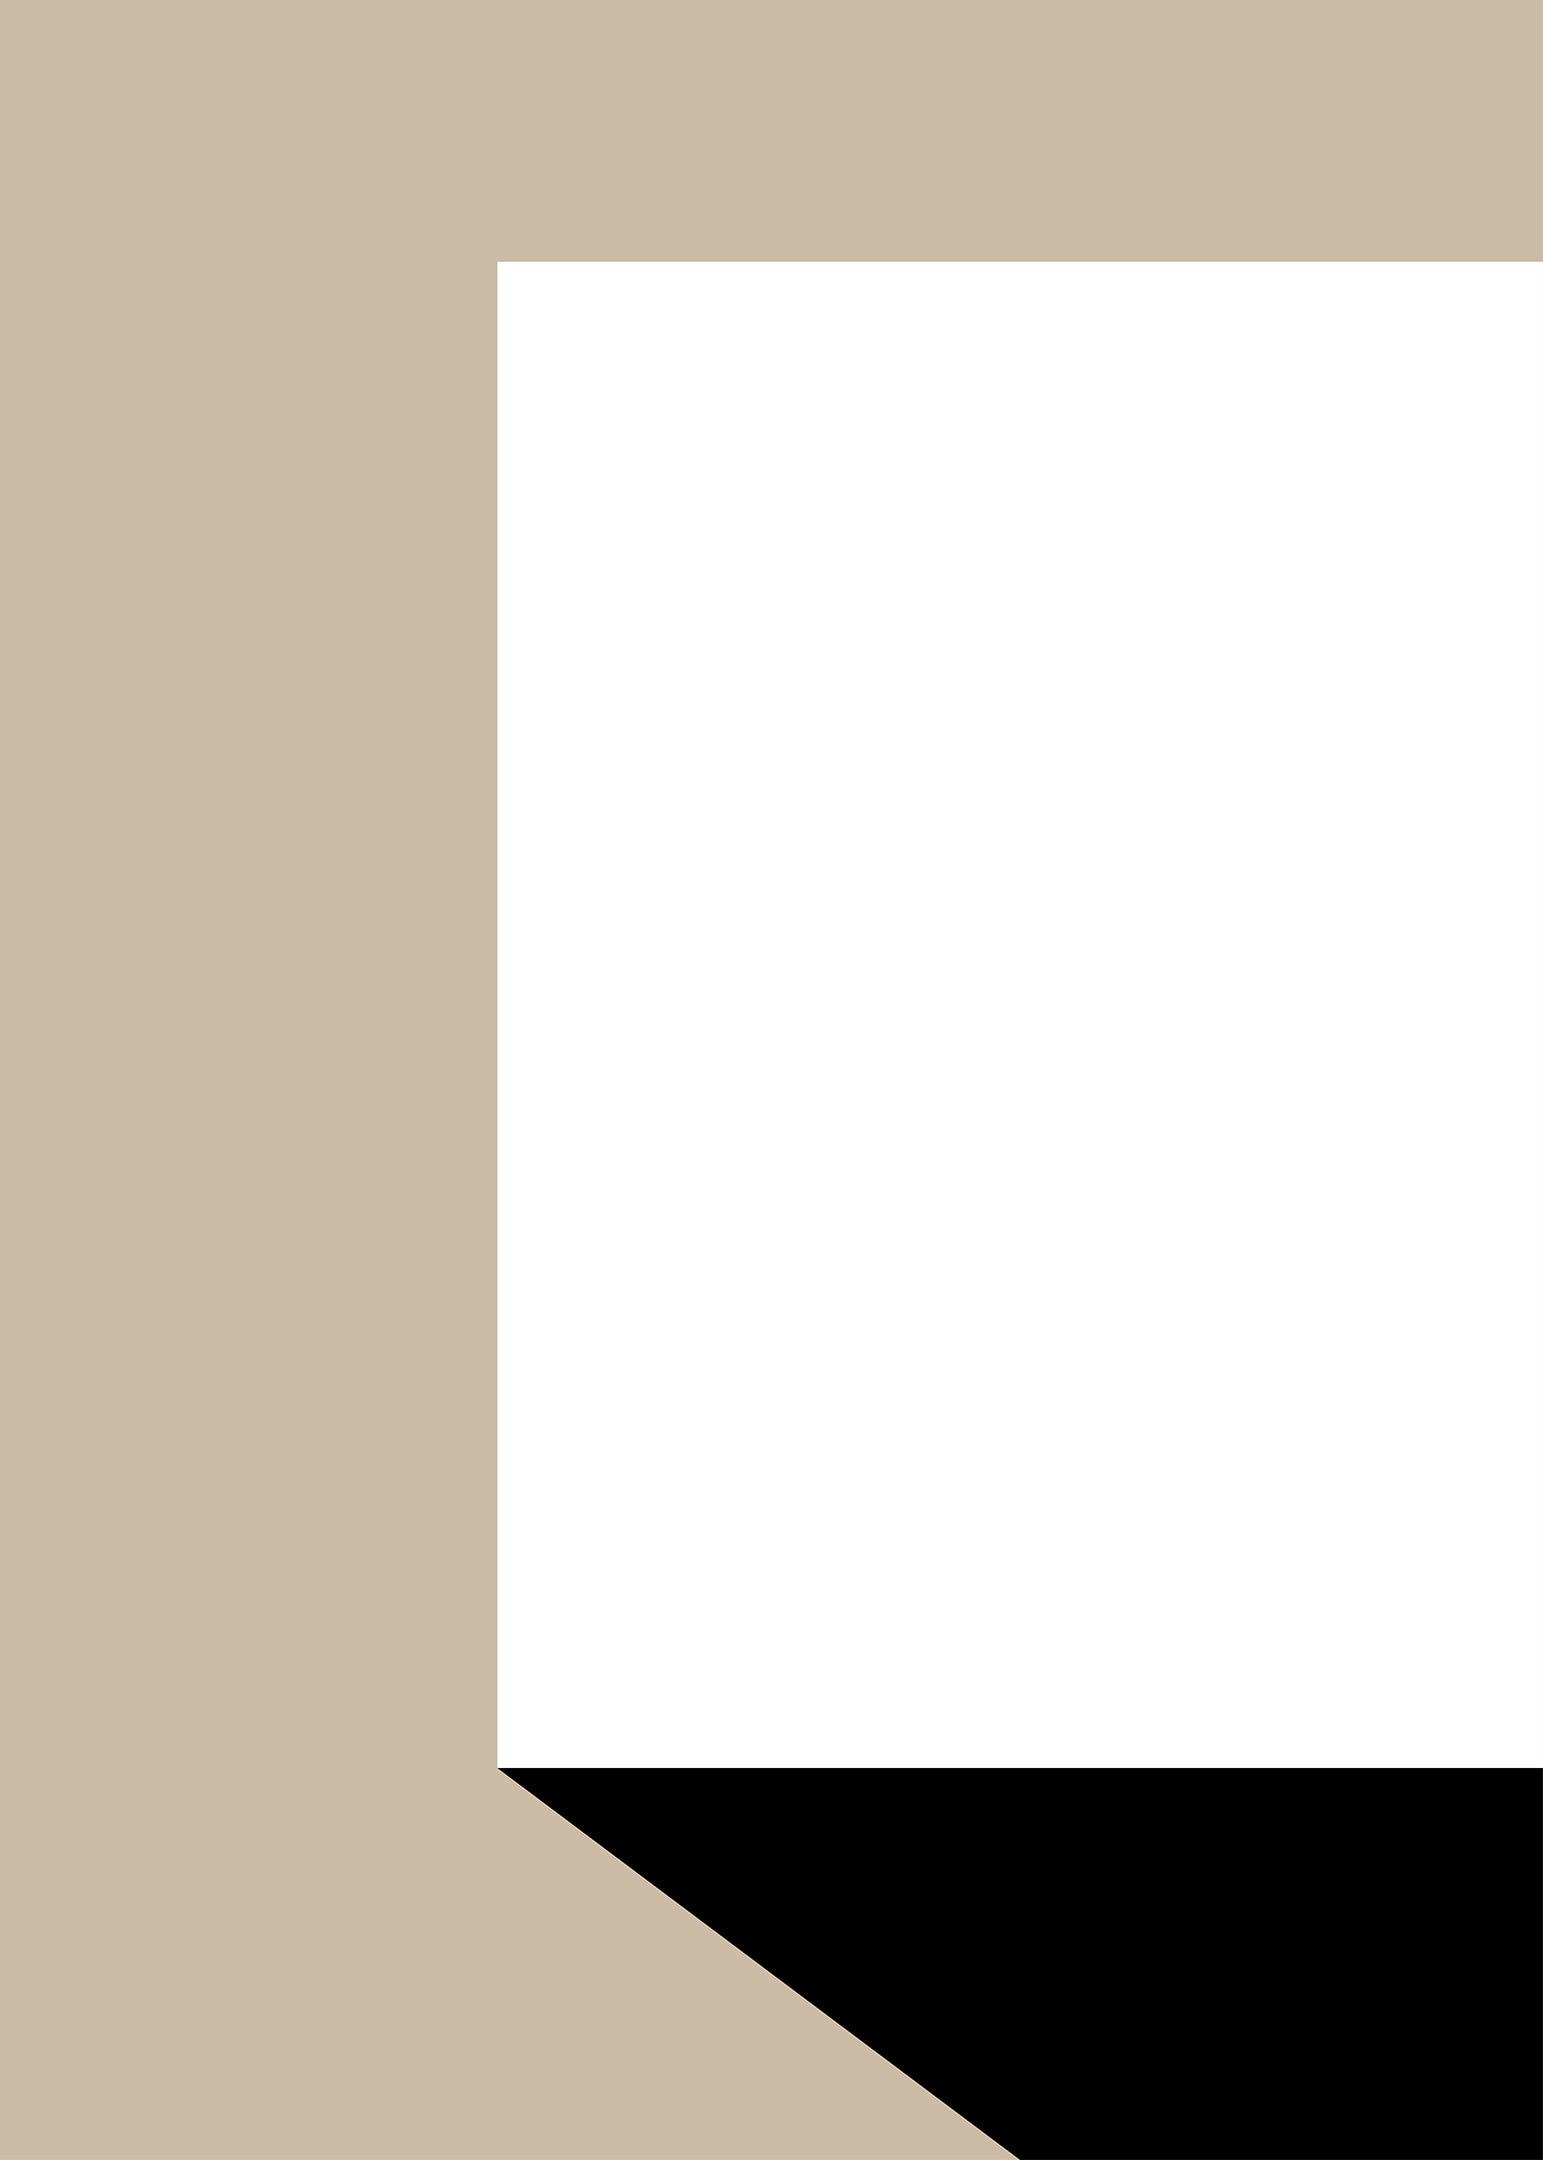 Vit box poster beige